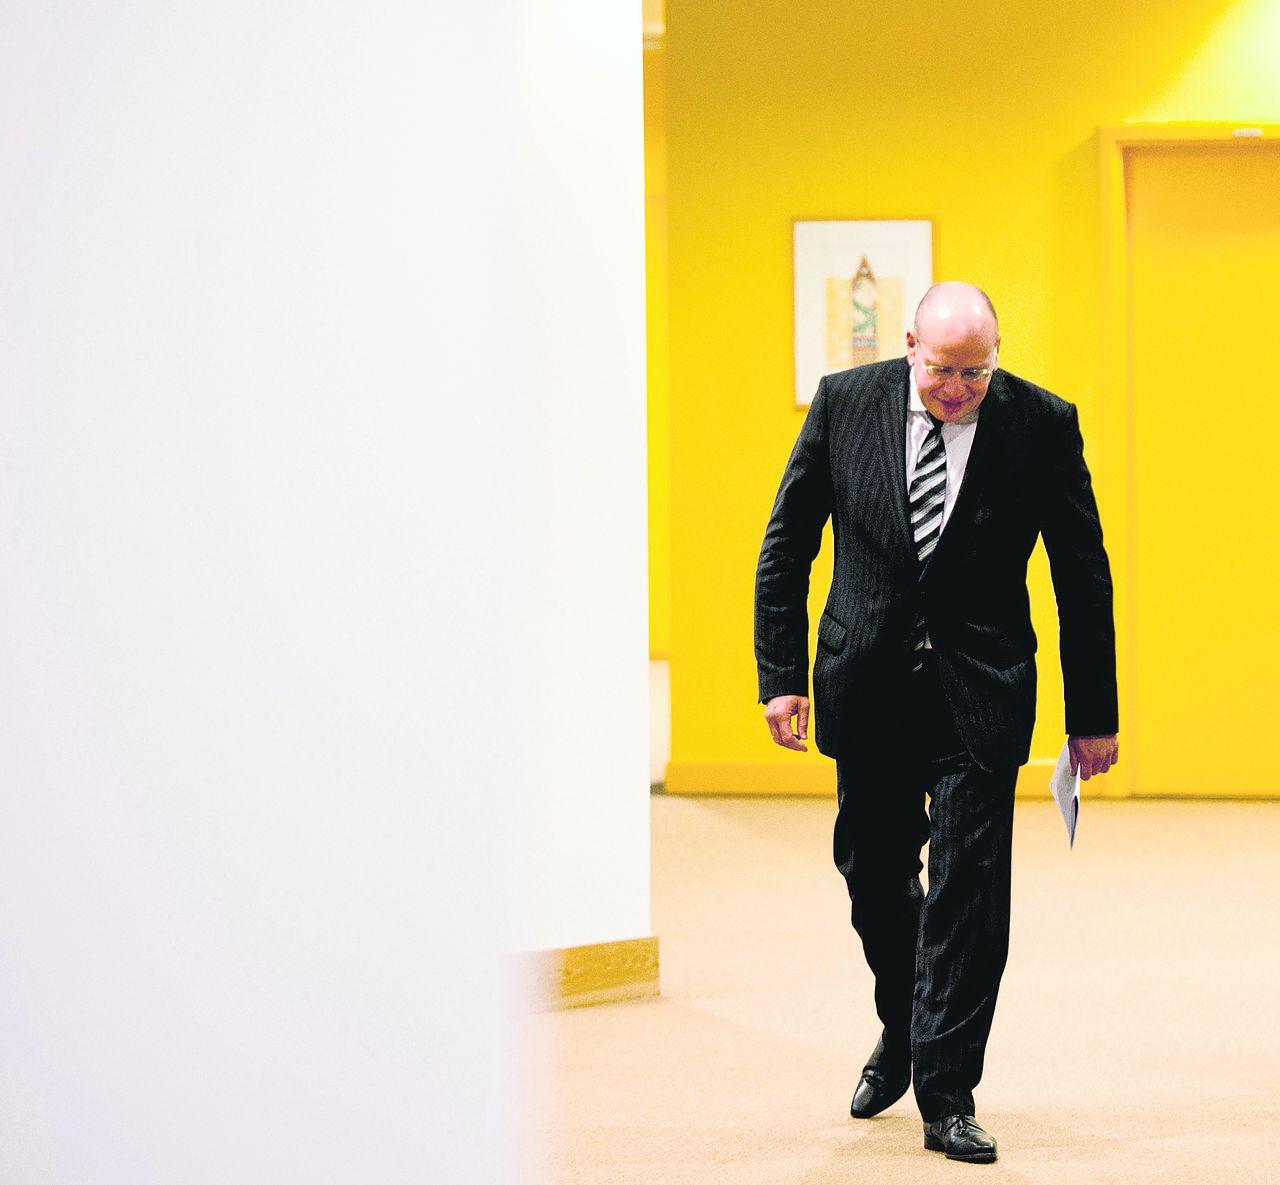 Staatssecretaris van Veiligheid en Justitie Fred Teeven wilde Volkert van der G. geen proefverlof verlenen. De rechter haalt een streep door diens besluit.